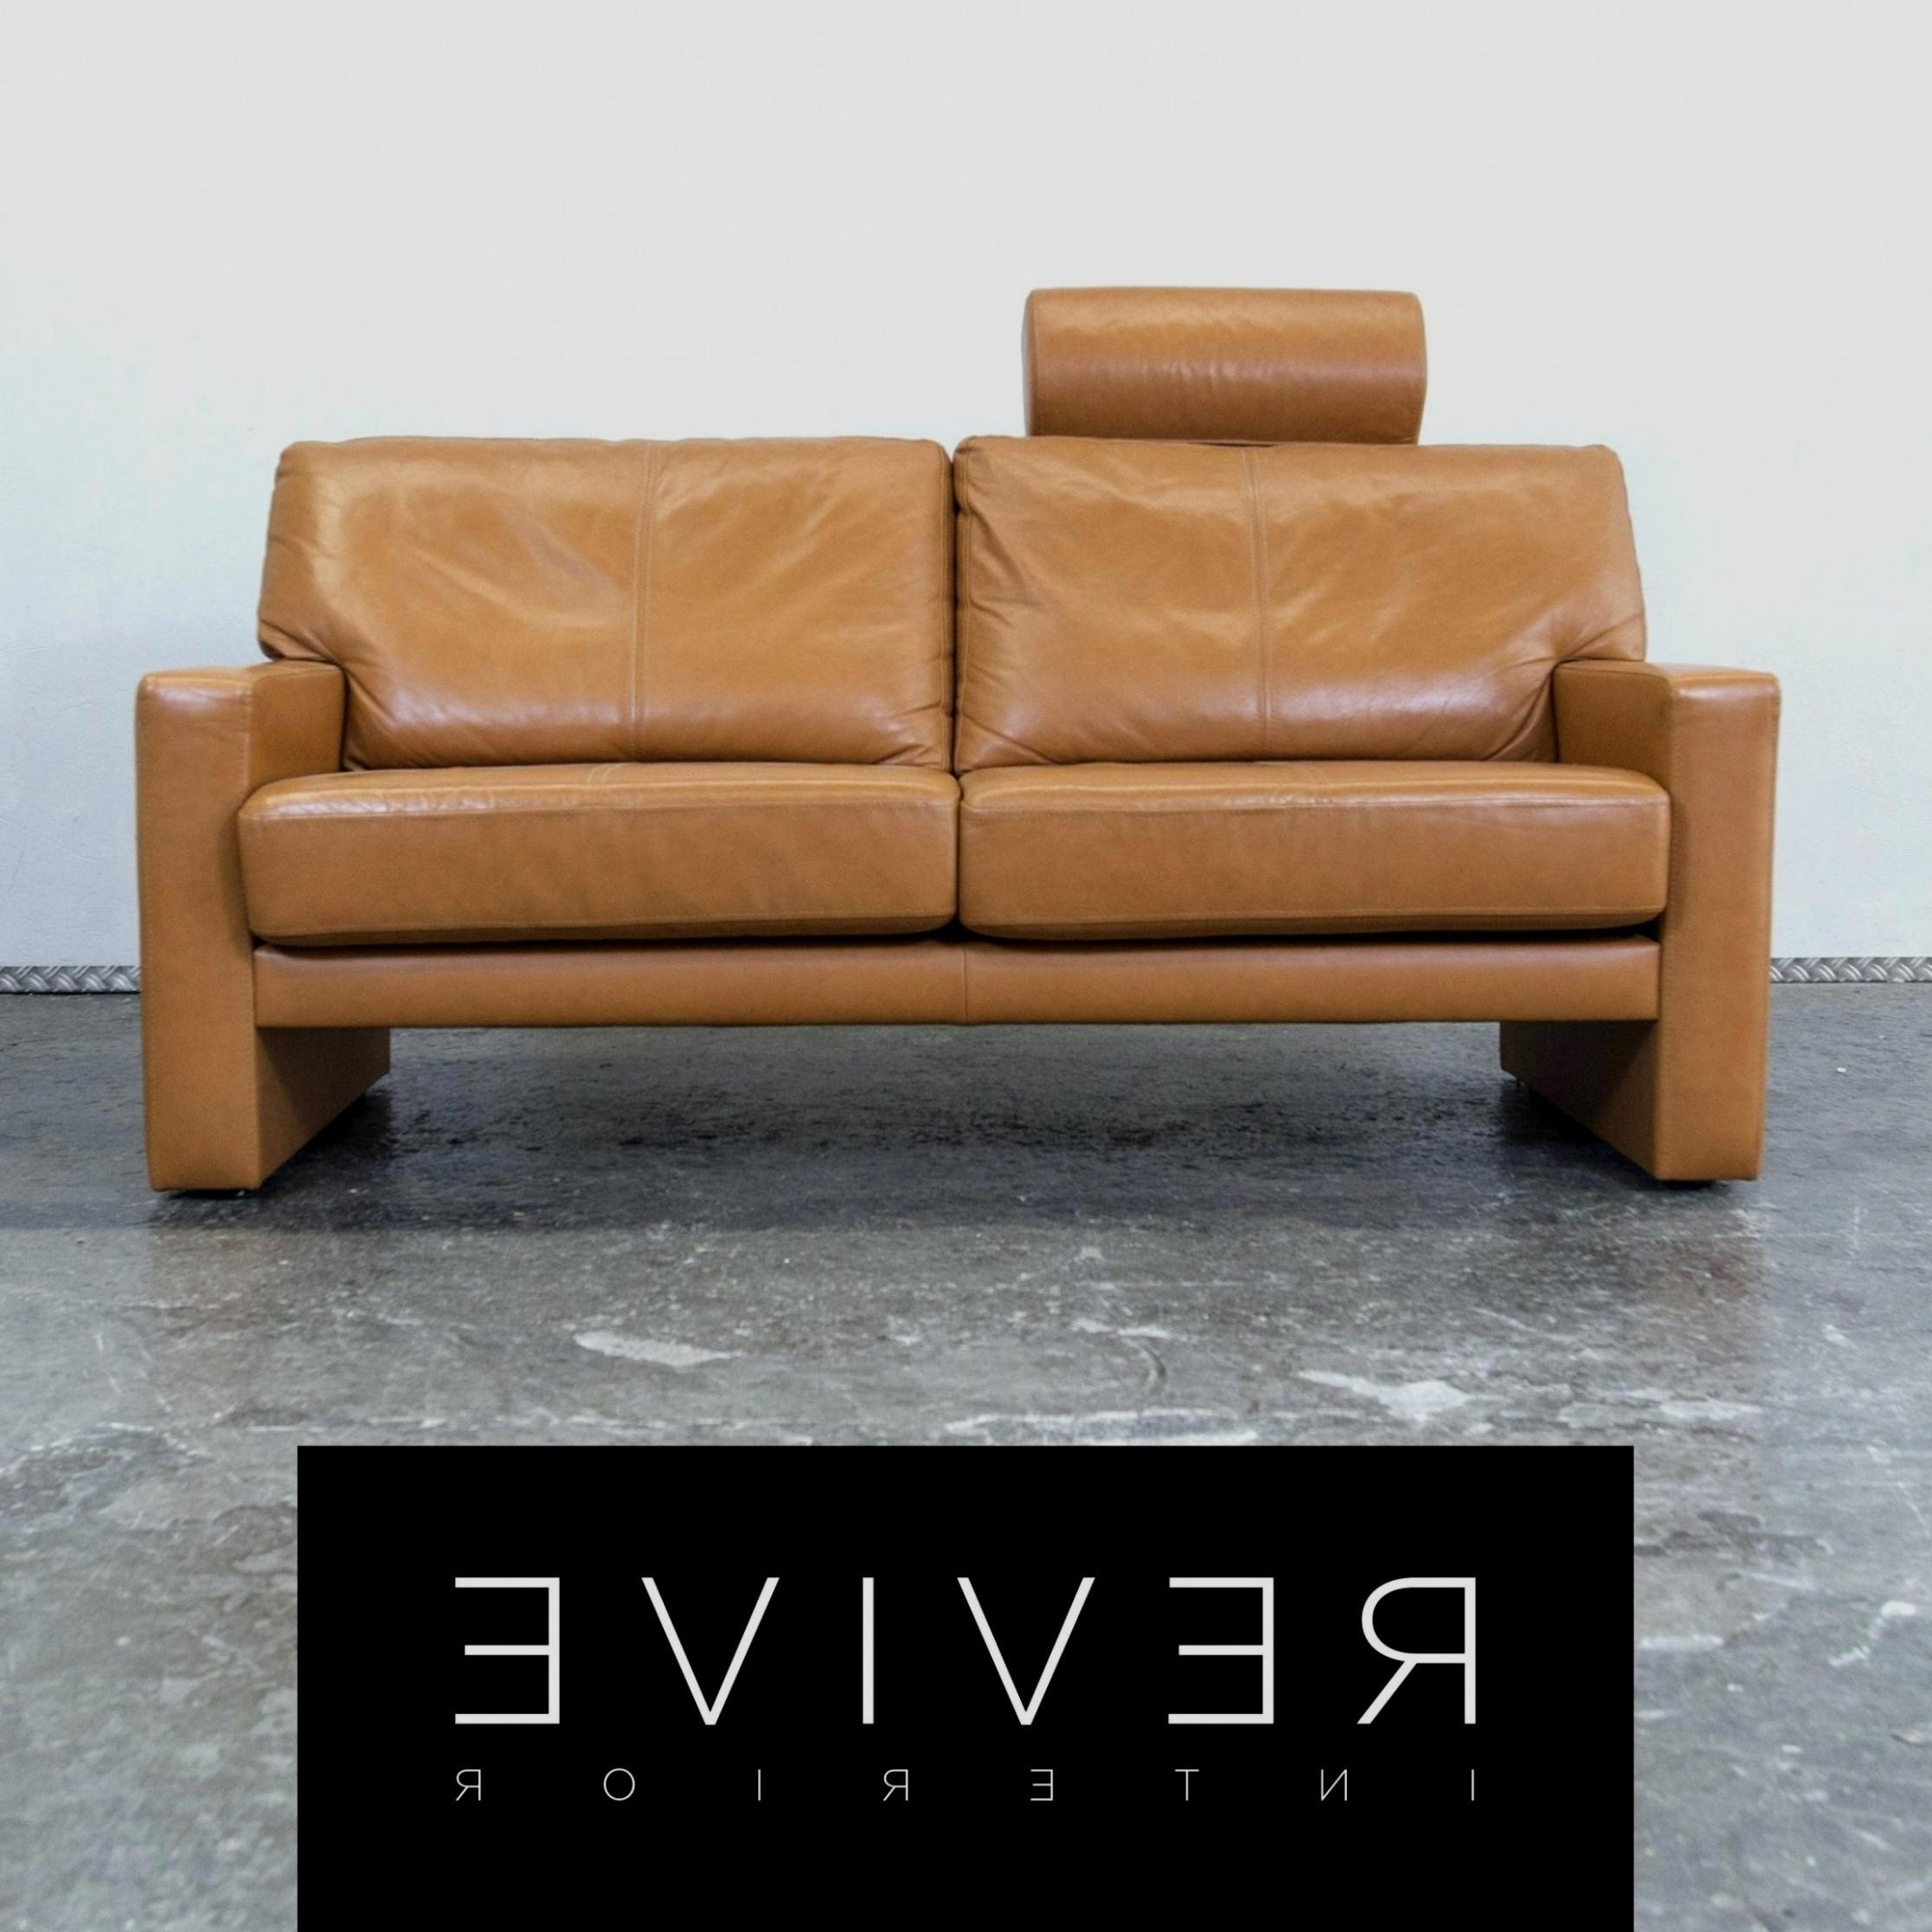 Sofas Ocasion H9d9 sofas De Ocasion Hermoso sofa De 42 Entwurf 1291swizz 1291swizz